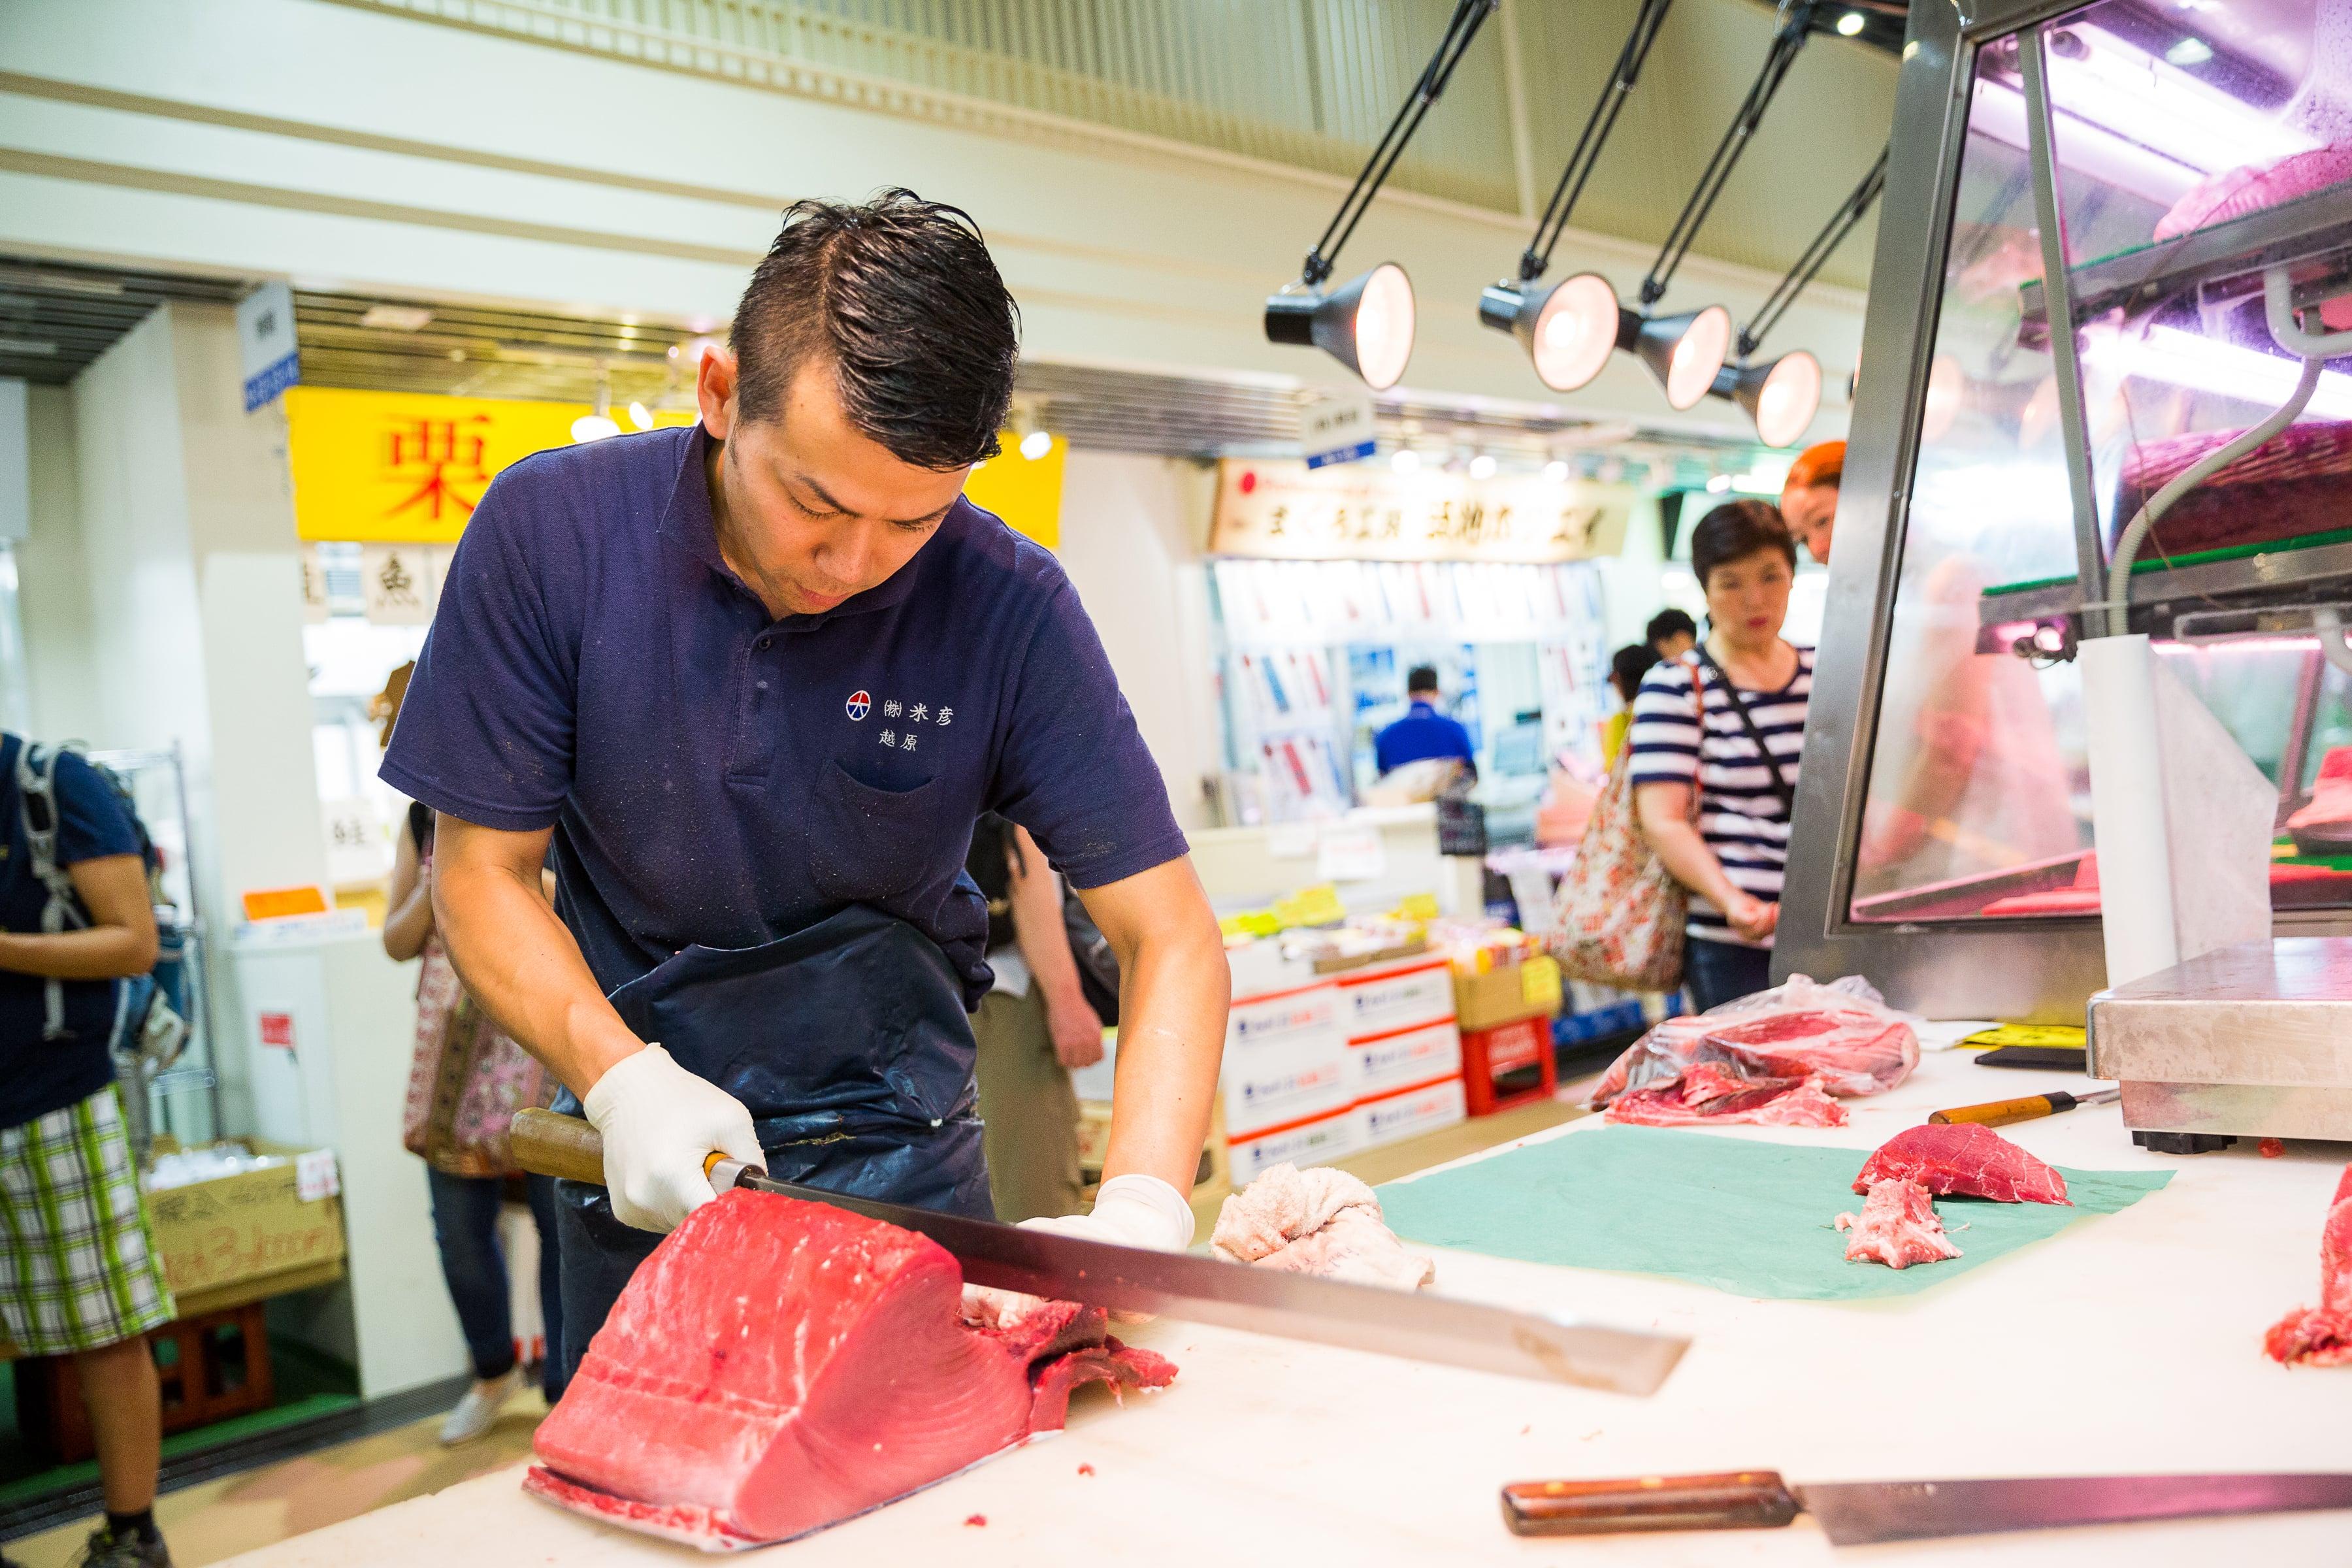 Tuna Cutting at Tsukiji